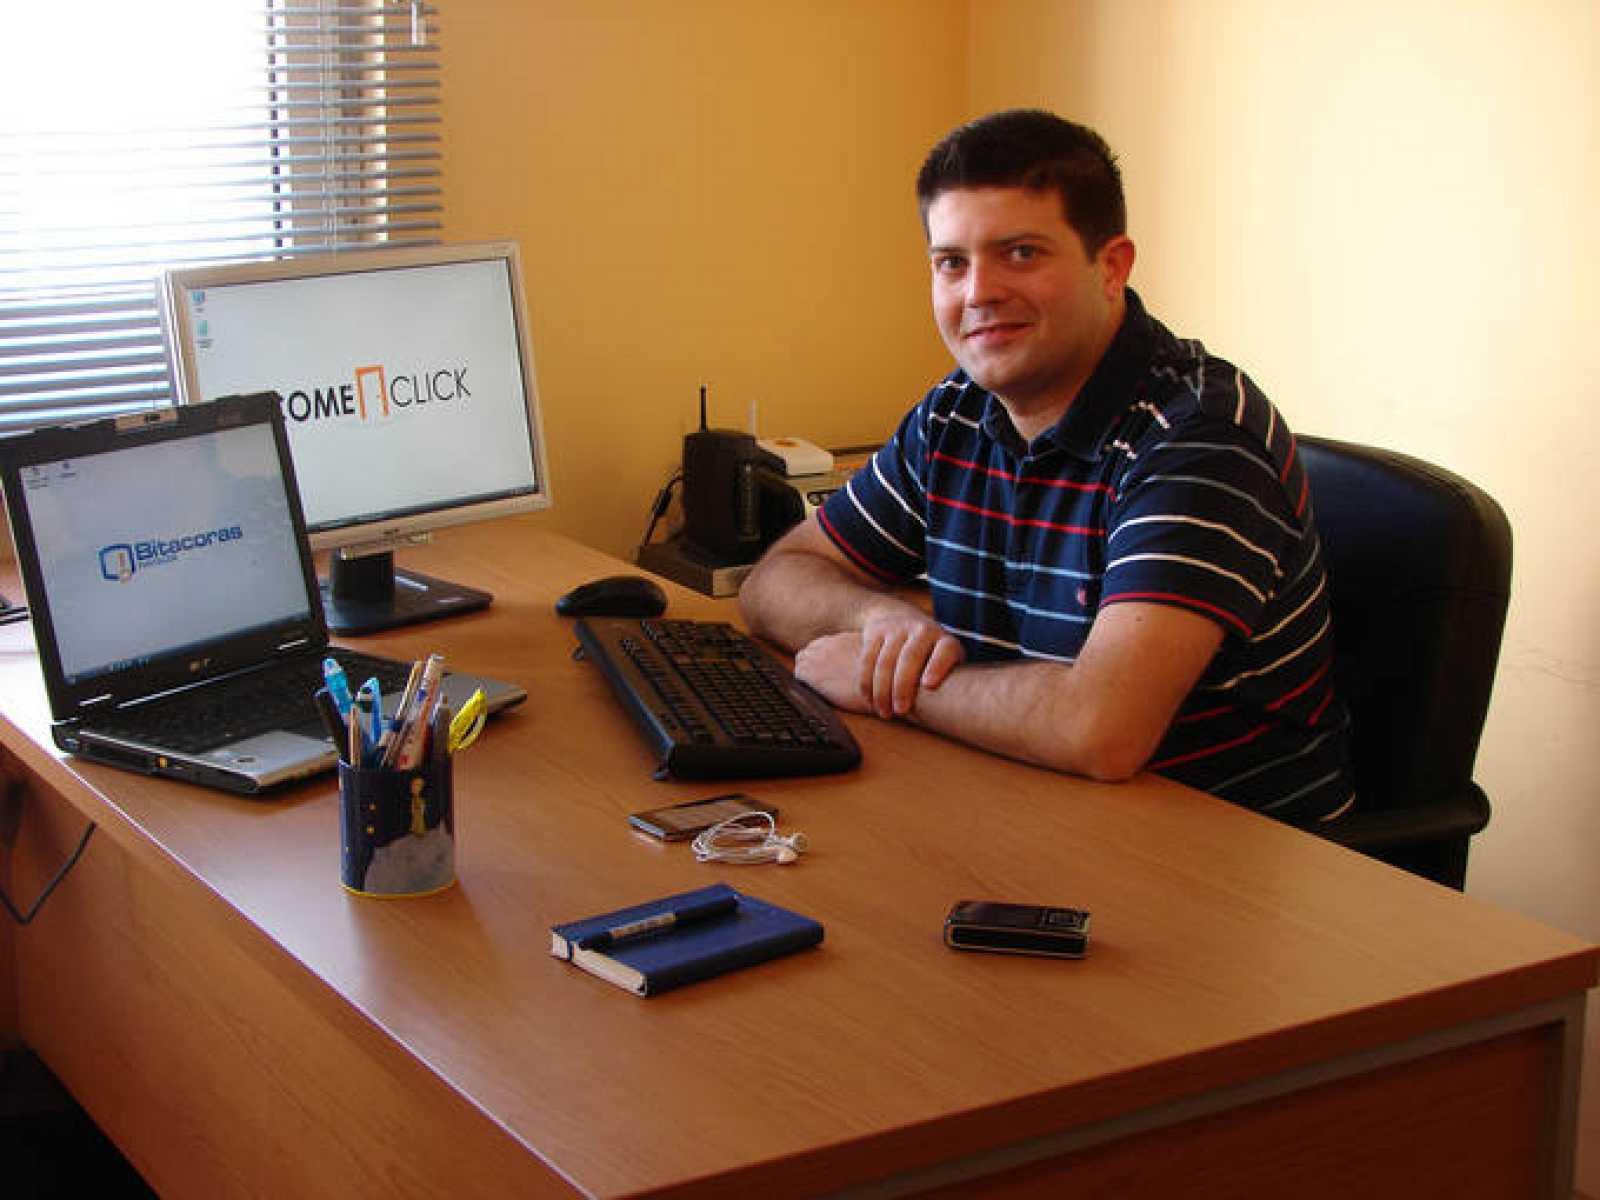 La oficina en casa de Raúl Ordónez, uno de los responsables de la web Bitácoras.com